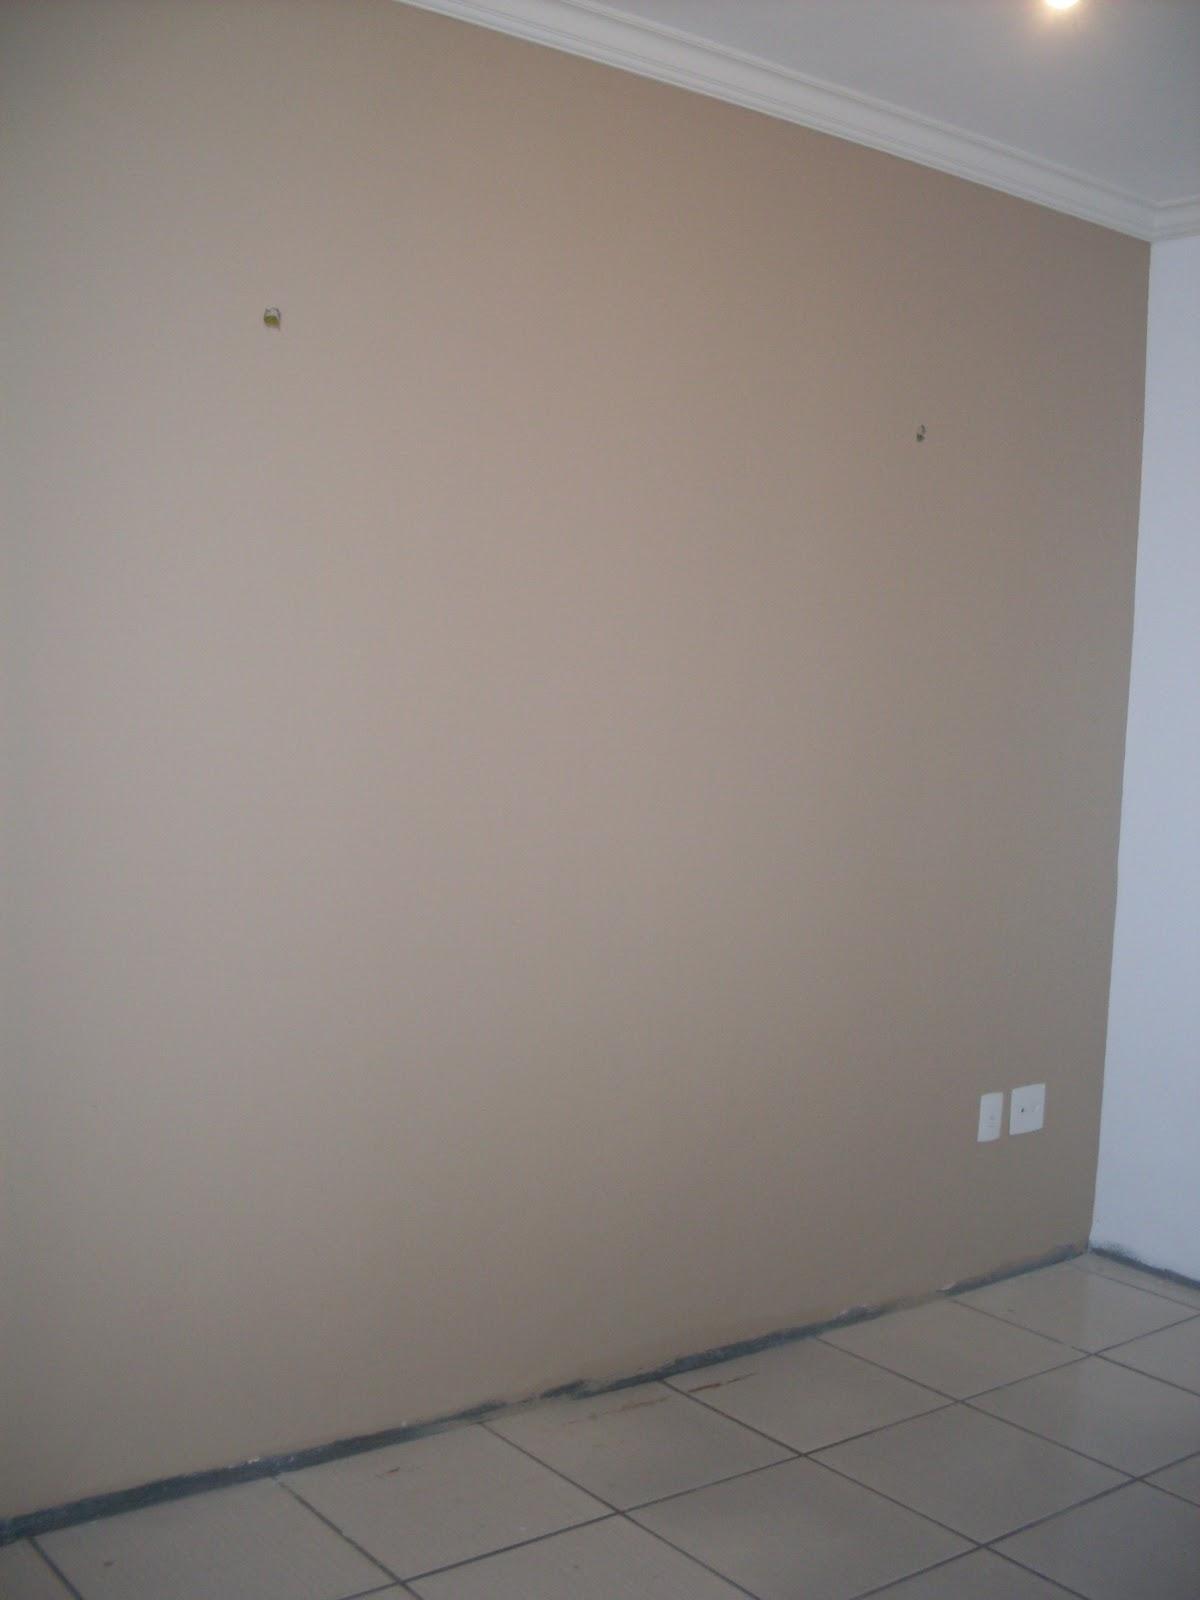 Sala De Estar Na Cor Camurca ~ parede do home foi pintado de cor camurça, Suvinil Lindo demais!